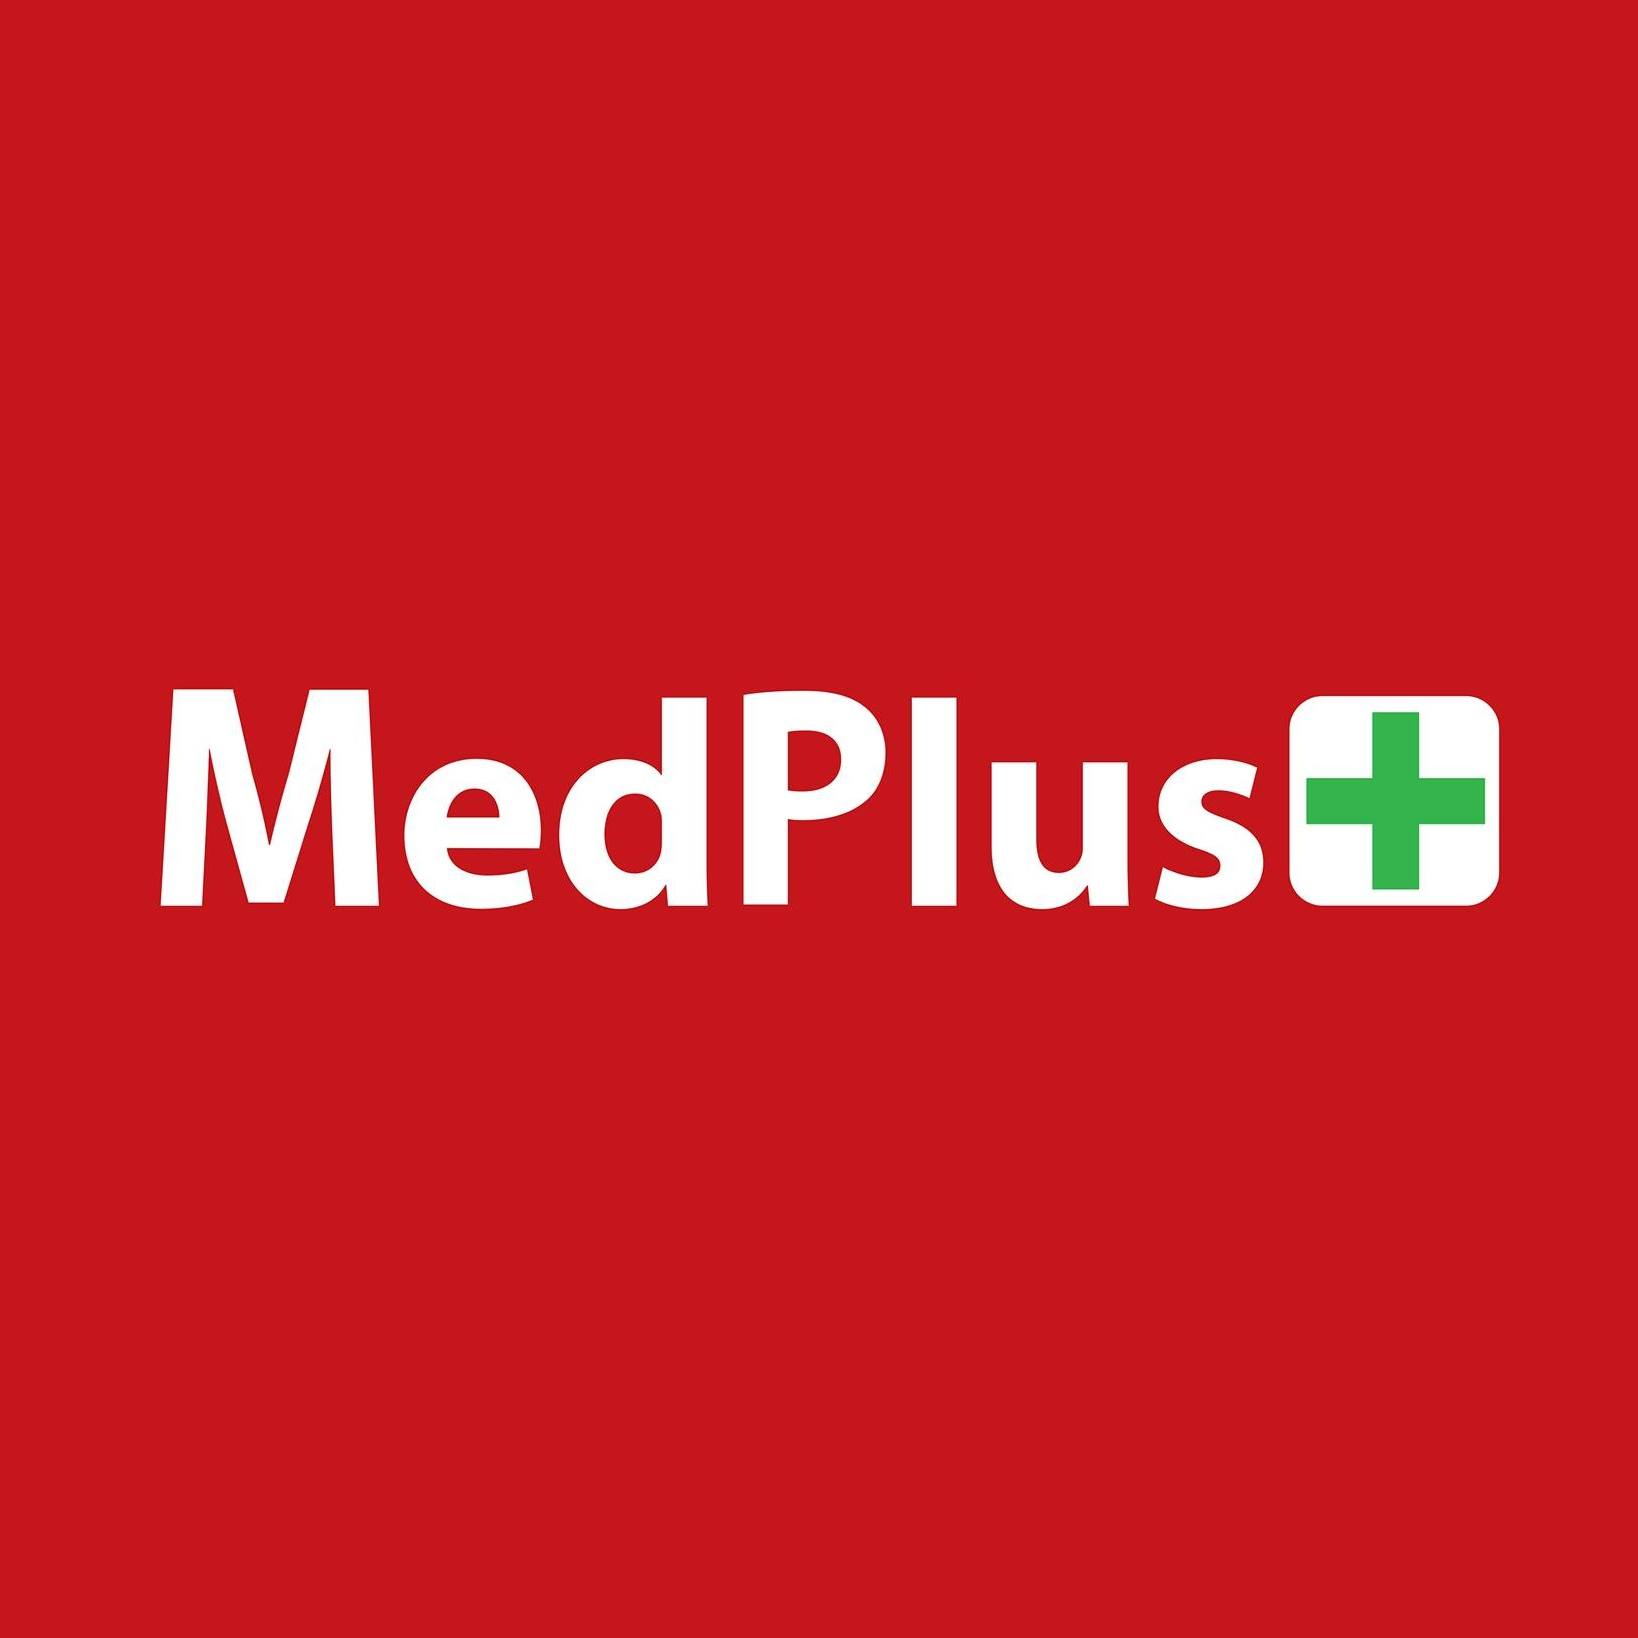 MEDPLUSMART.com